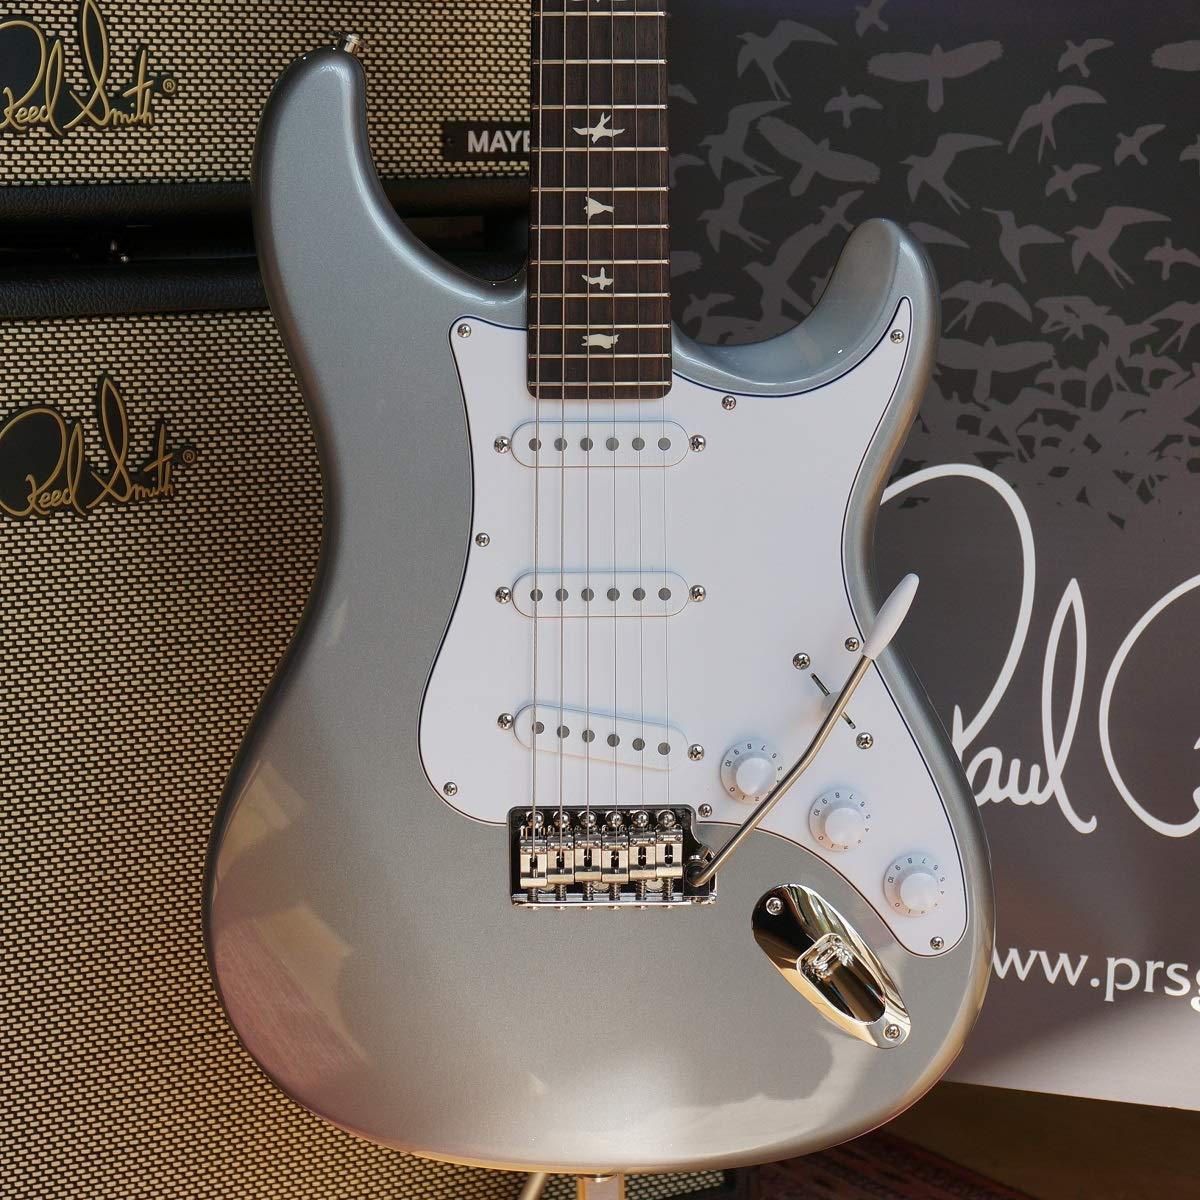 ポールリードスミス Silver Sky エレキギター/Tungsten/John Mayer Sky/Tungsten/John Sig. Model エレキギター Model B07MJFJ3M9, ペンキ屋モリエンPRO(プロ):e7e0ad6a --- kapapa.site